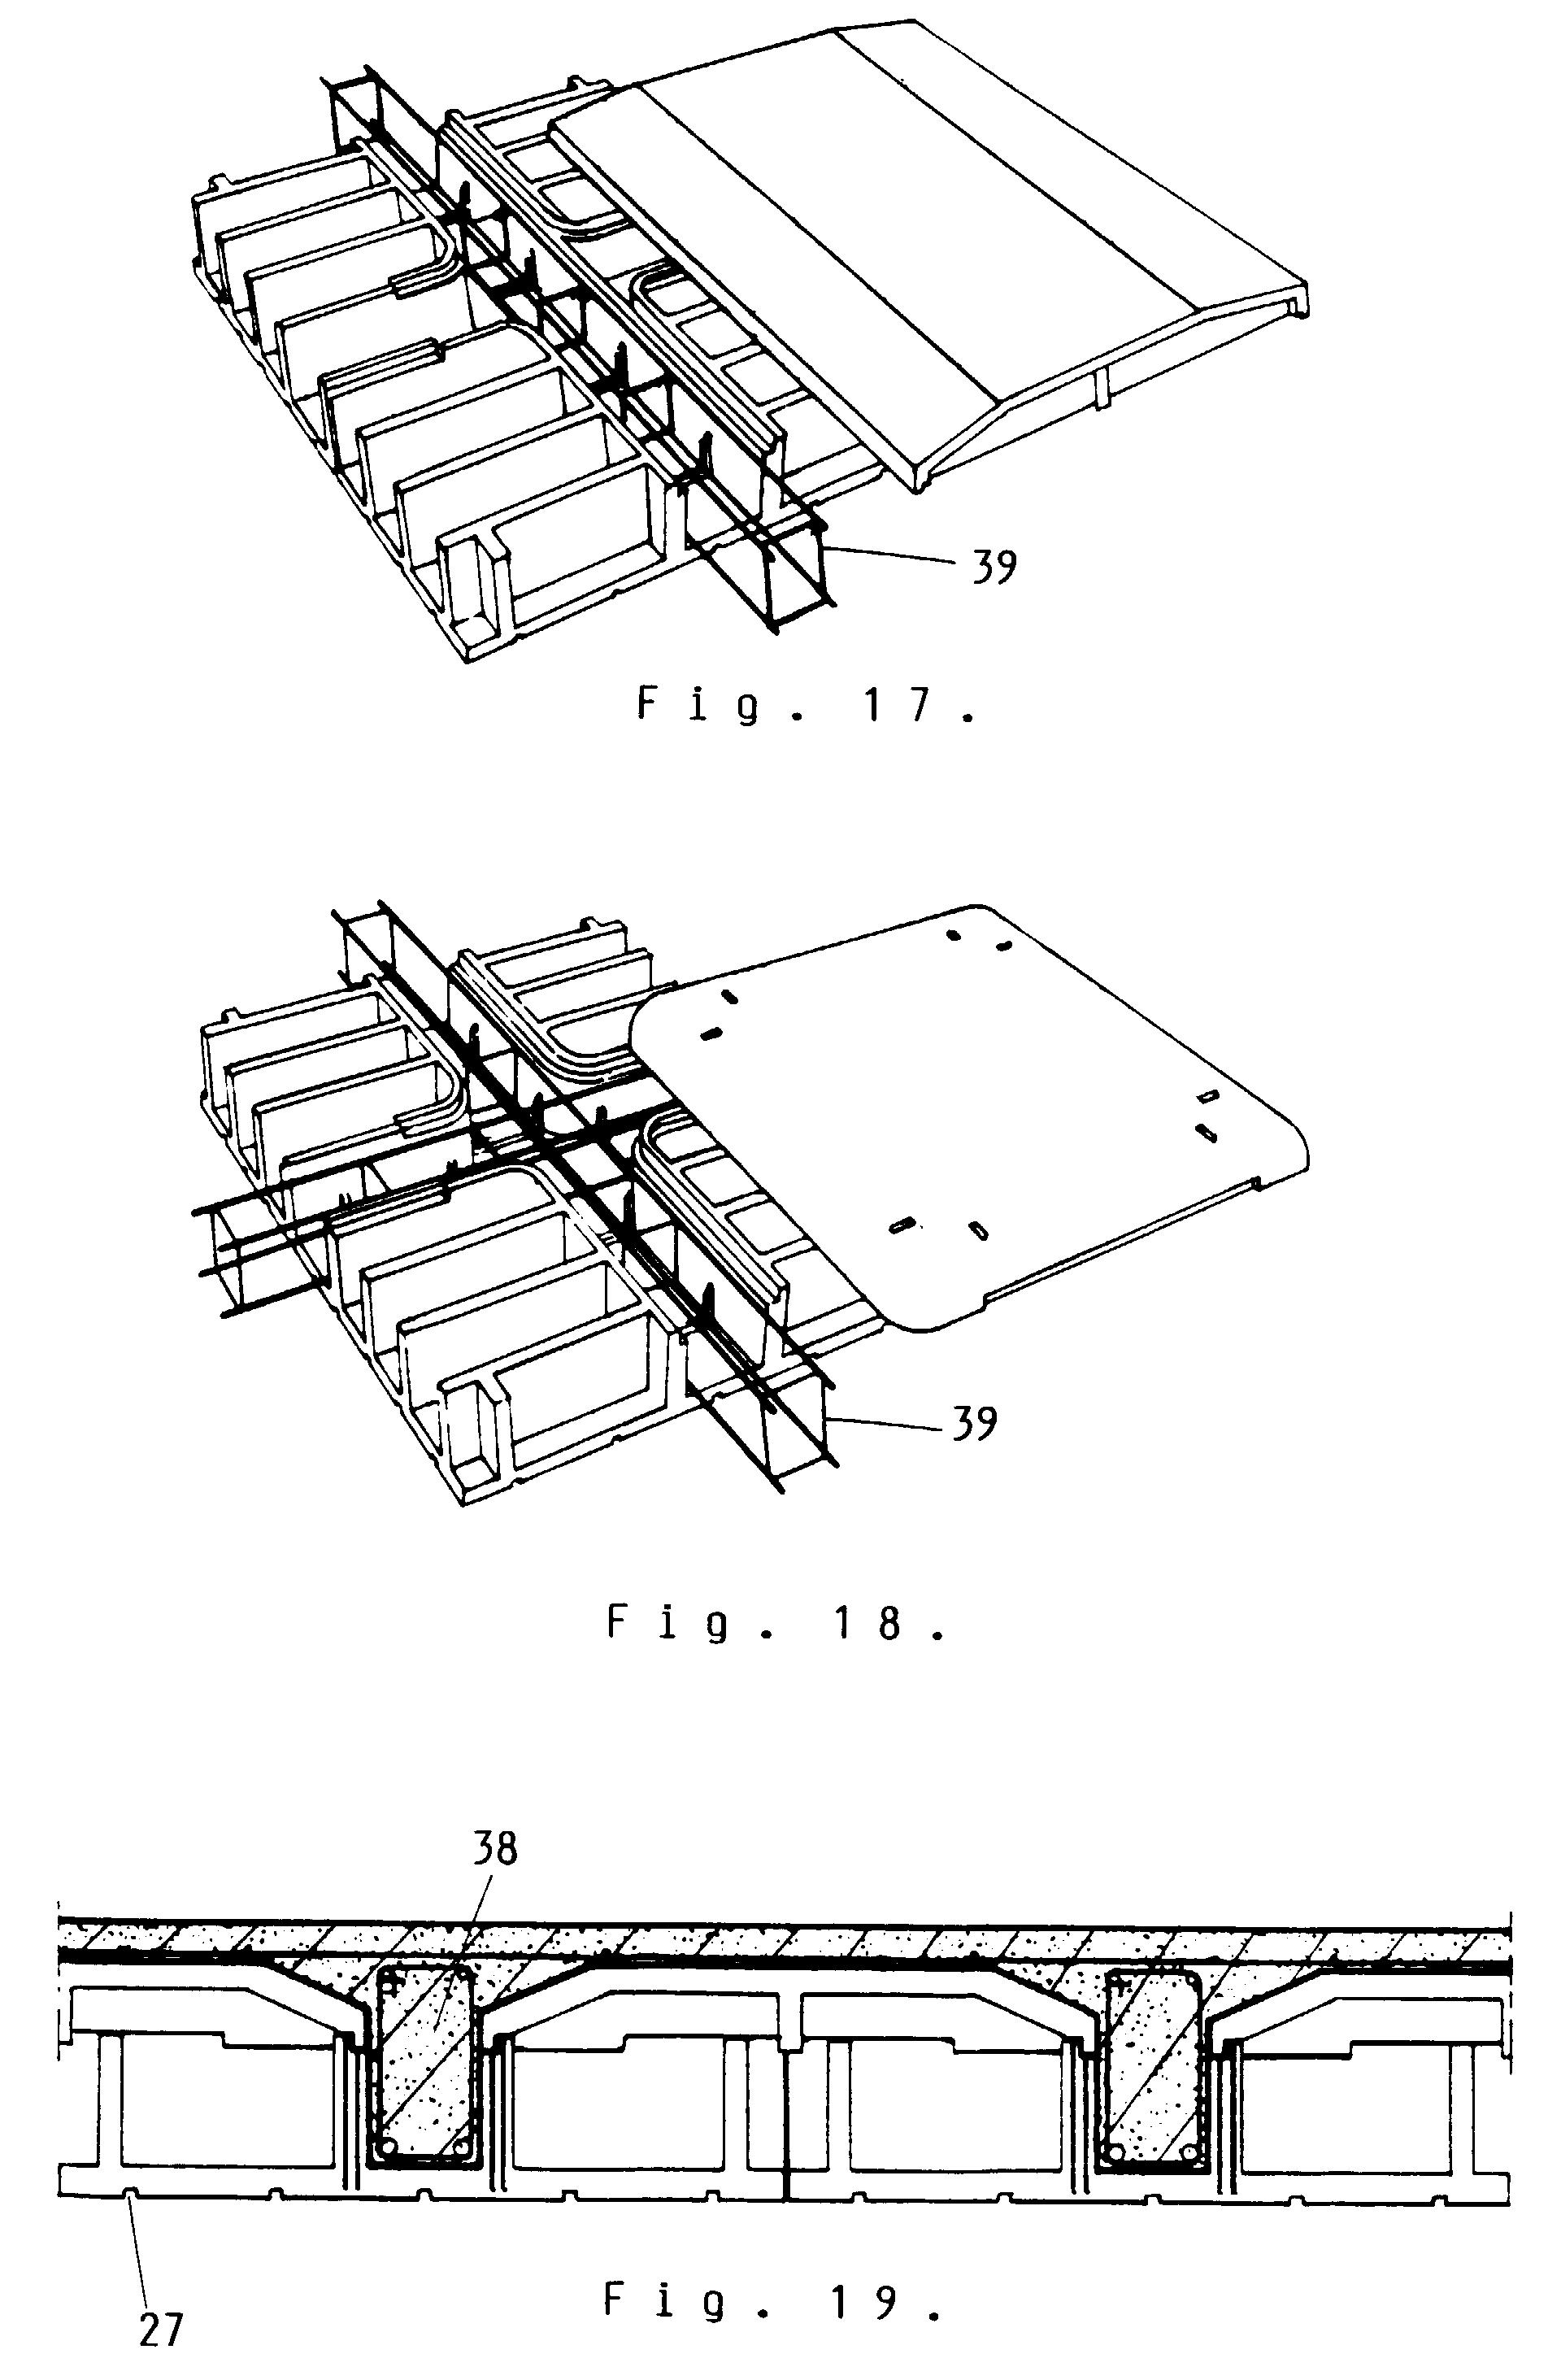 patent ep0494061b1 verfahren und k rper zur herstellung einer verlorenen schalung google patents. Black Bedroom Furniture Sets. Home Design Ideas